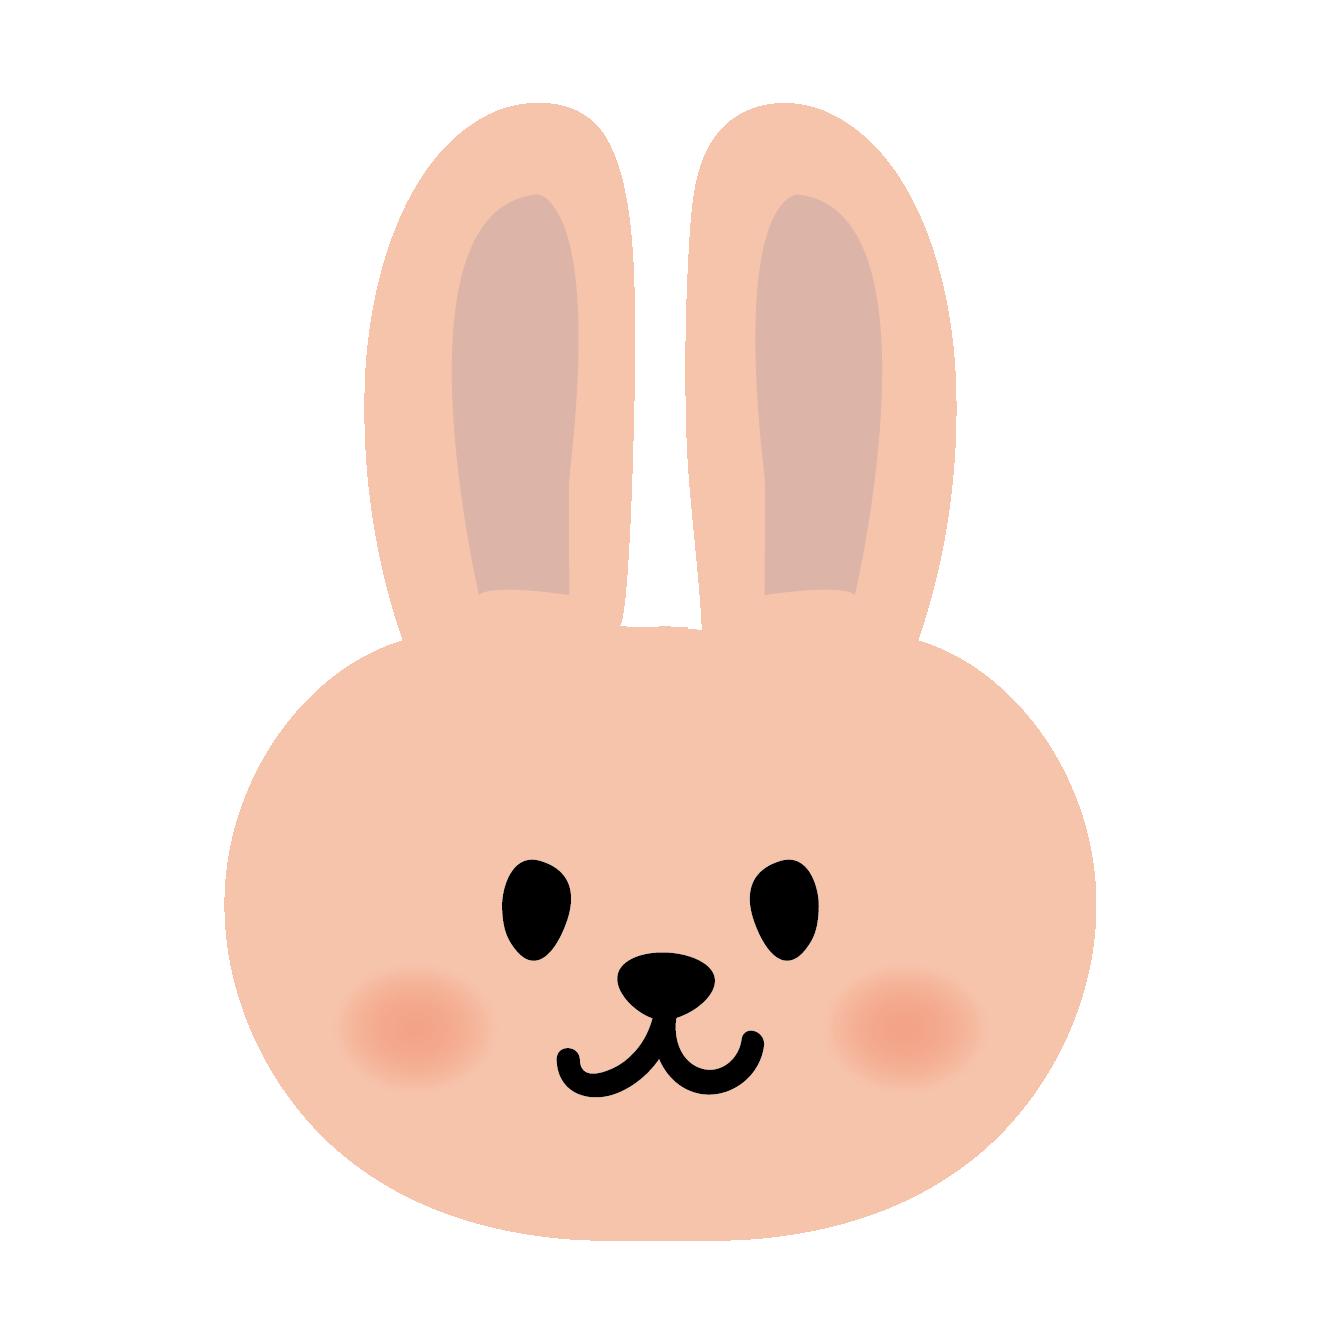 かわいいウサギの顔のアップ イラスト | 商用フリー(無料)のイラスト